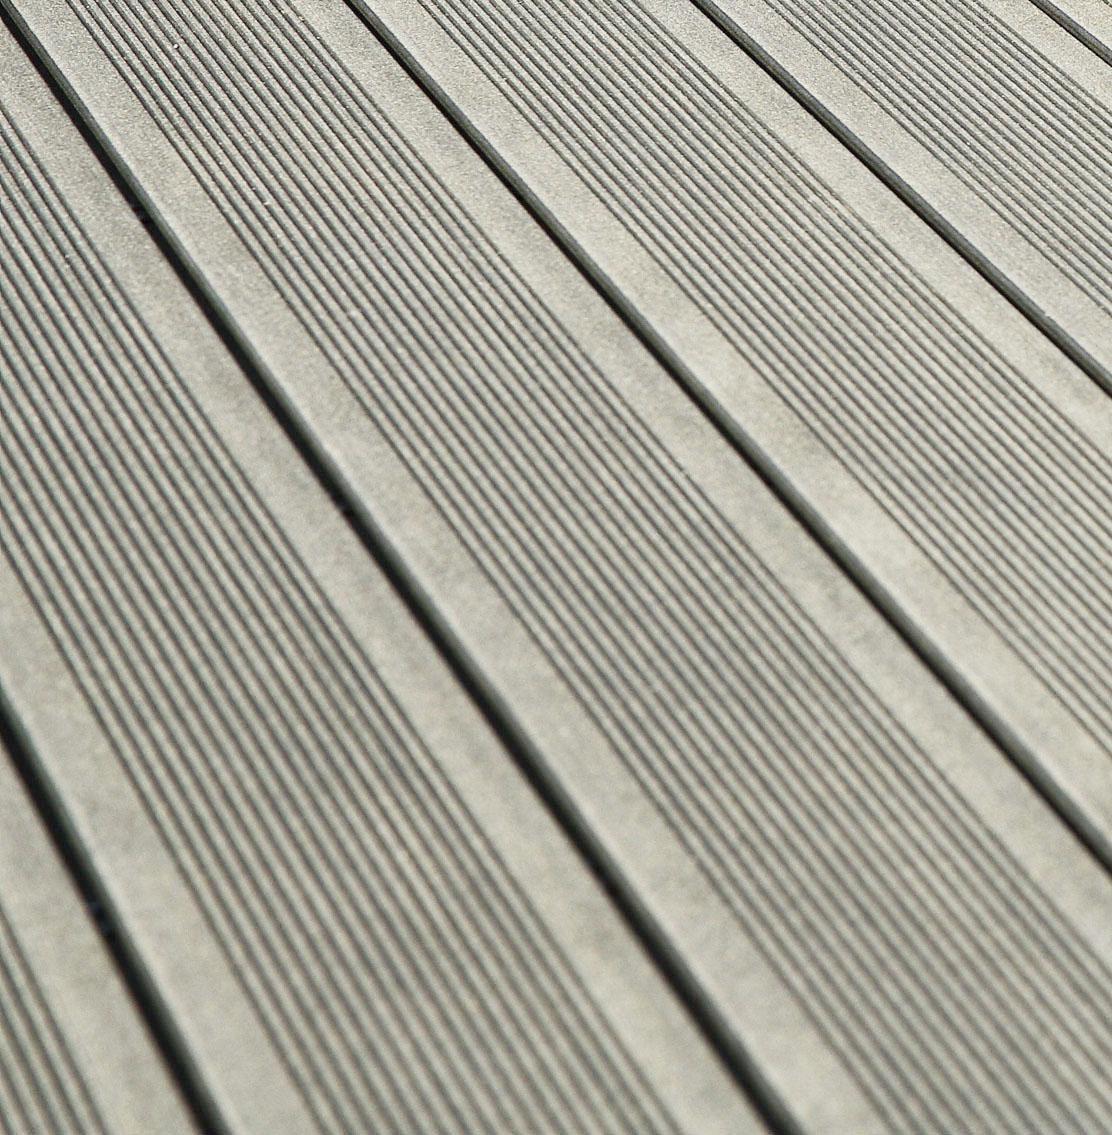 silvadec lame de terrasse l gance rainur e gris iroise. Black Bedroom Furniture Sets. Home Design Ideas